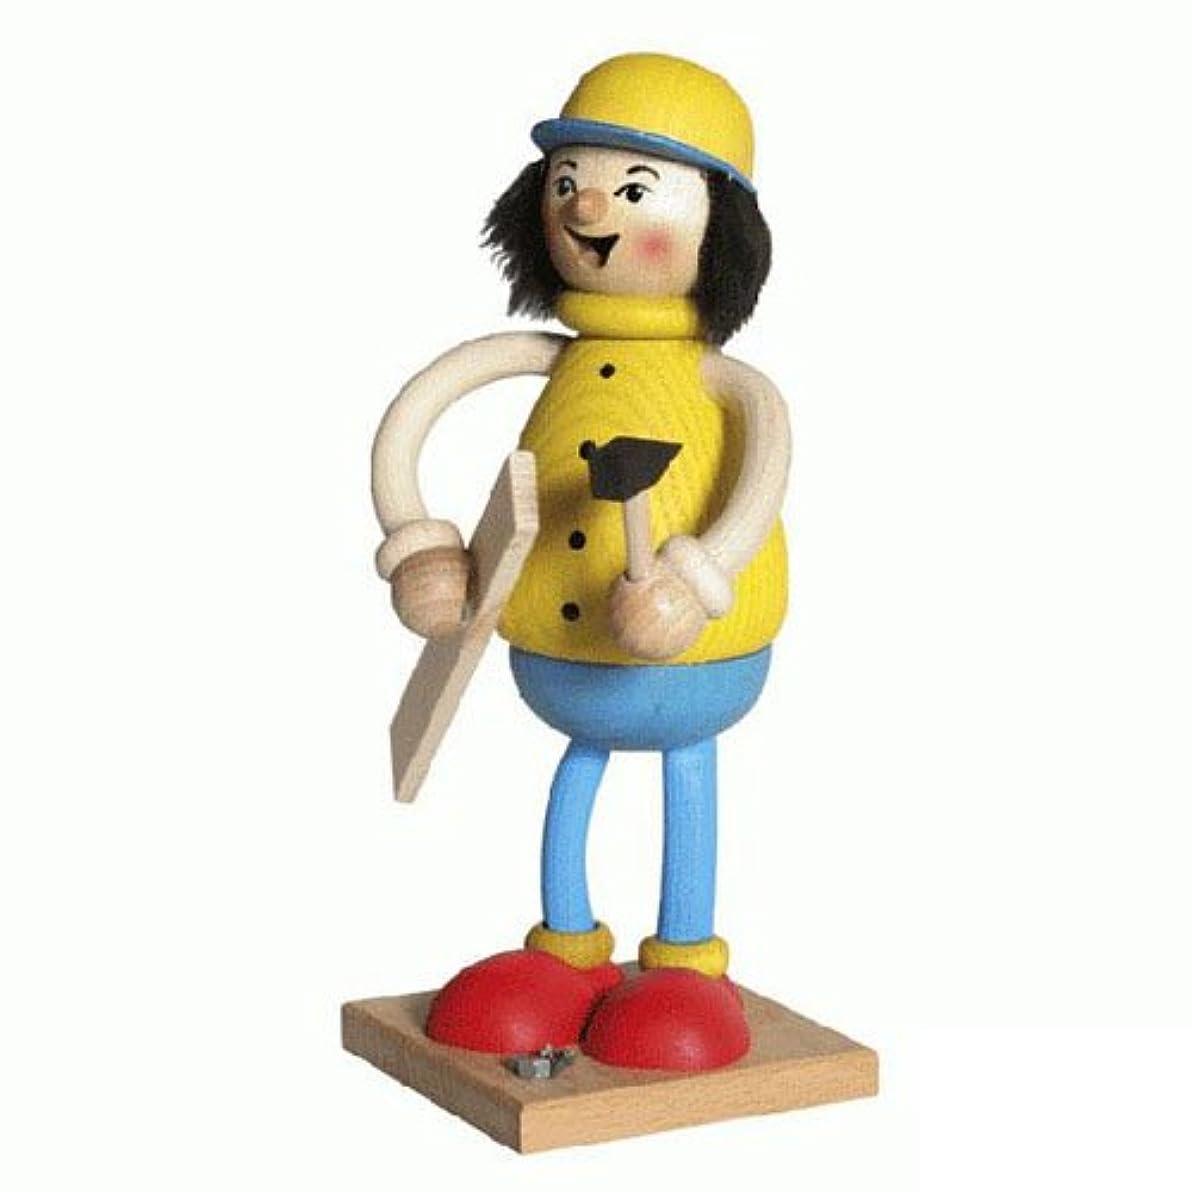 リスリビジョンスパーク39096 Kuhnert(クーネルト) ミニパイプ人形香炉 DIY